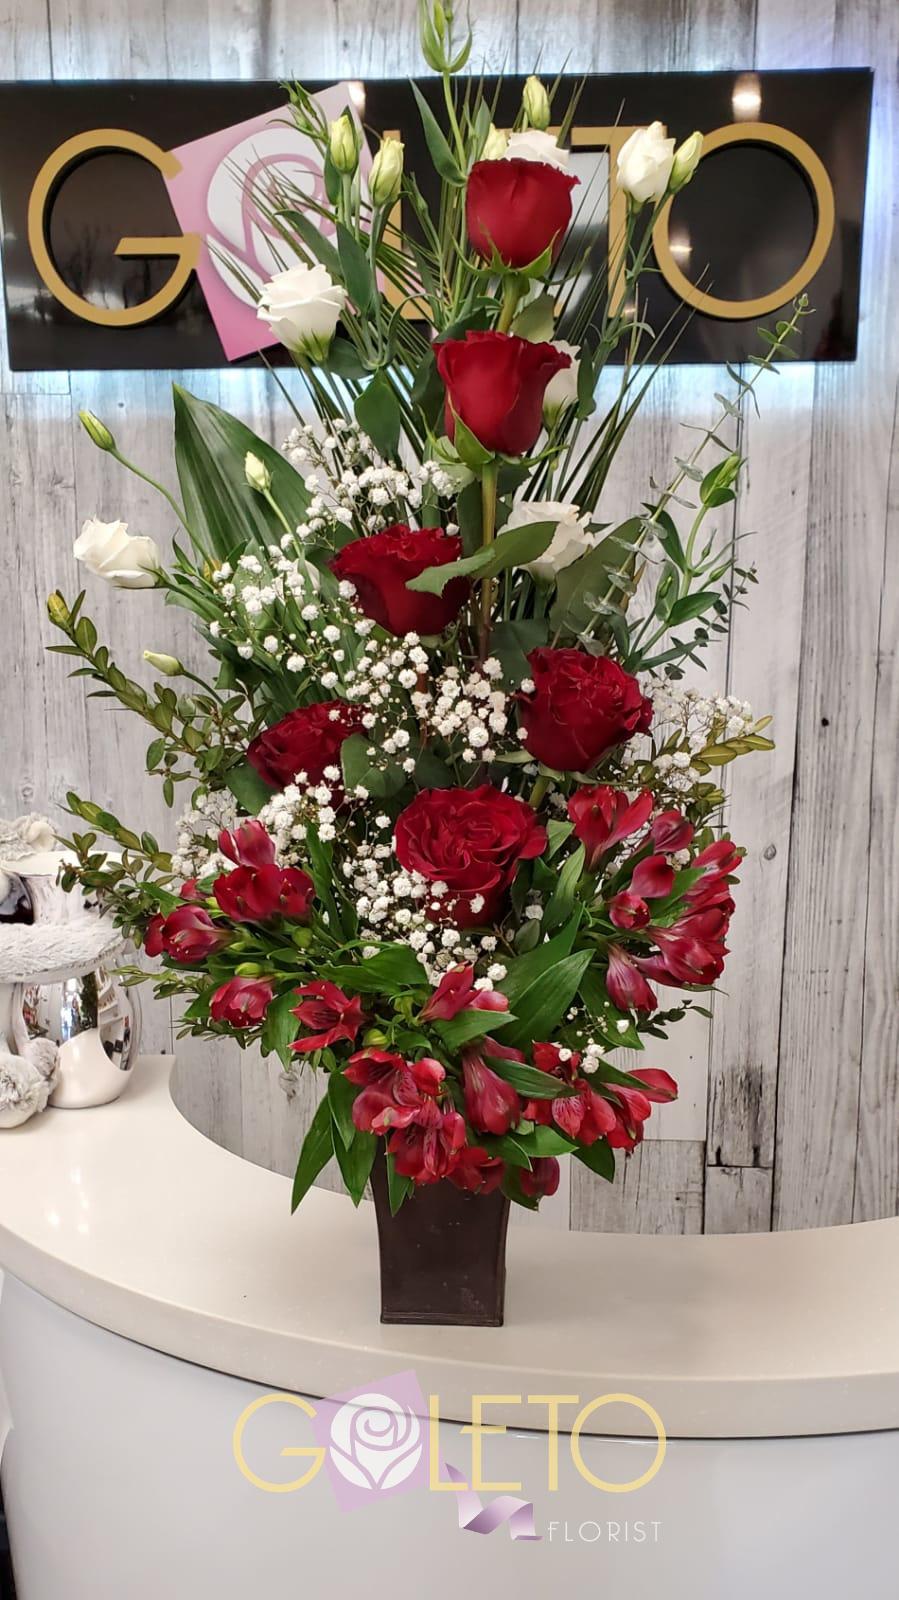 Goleto Birthday Flowers design 16